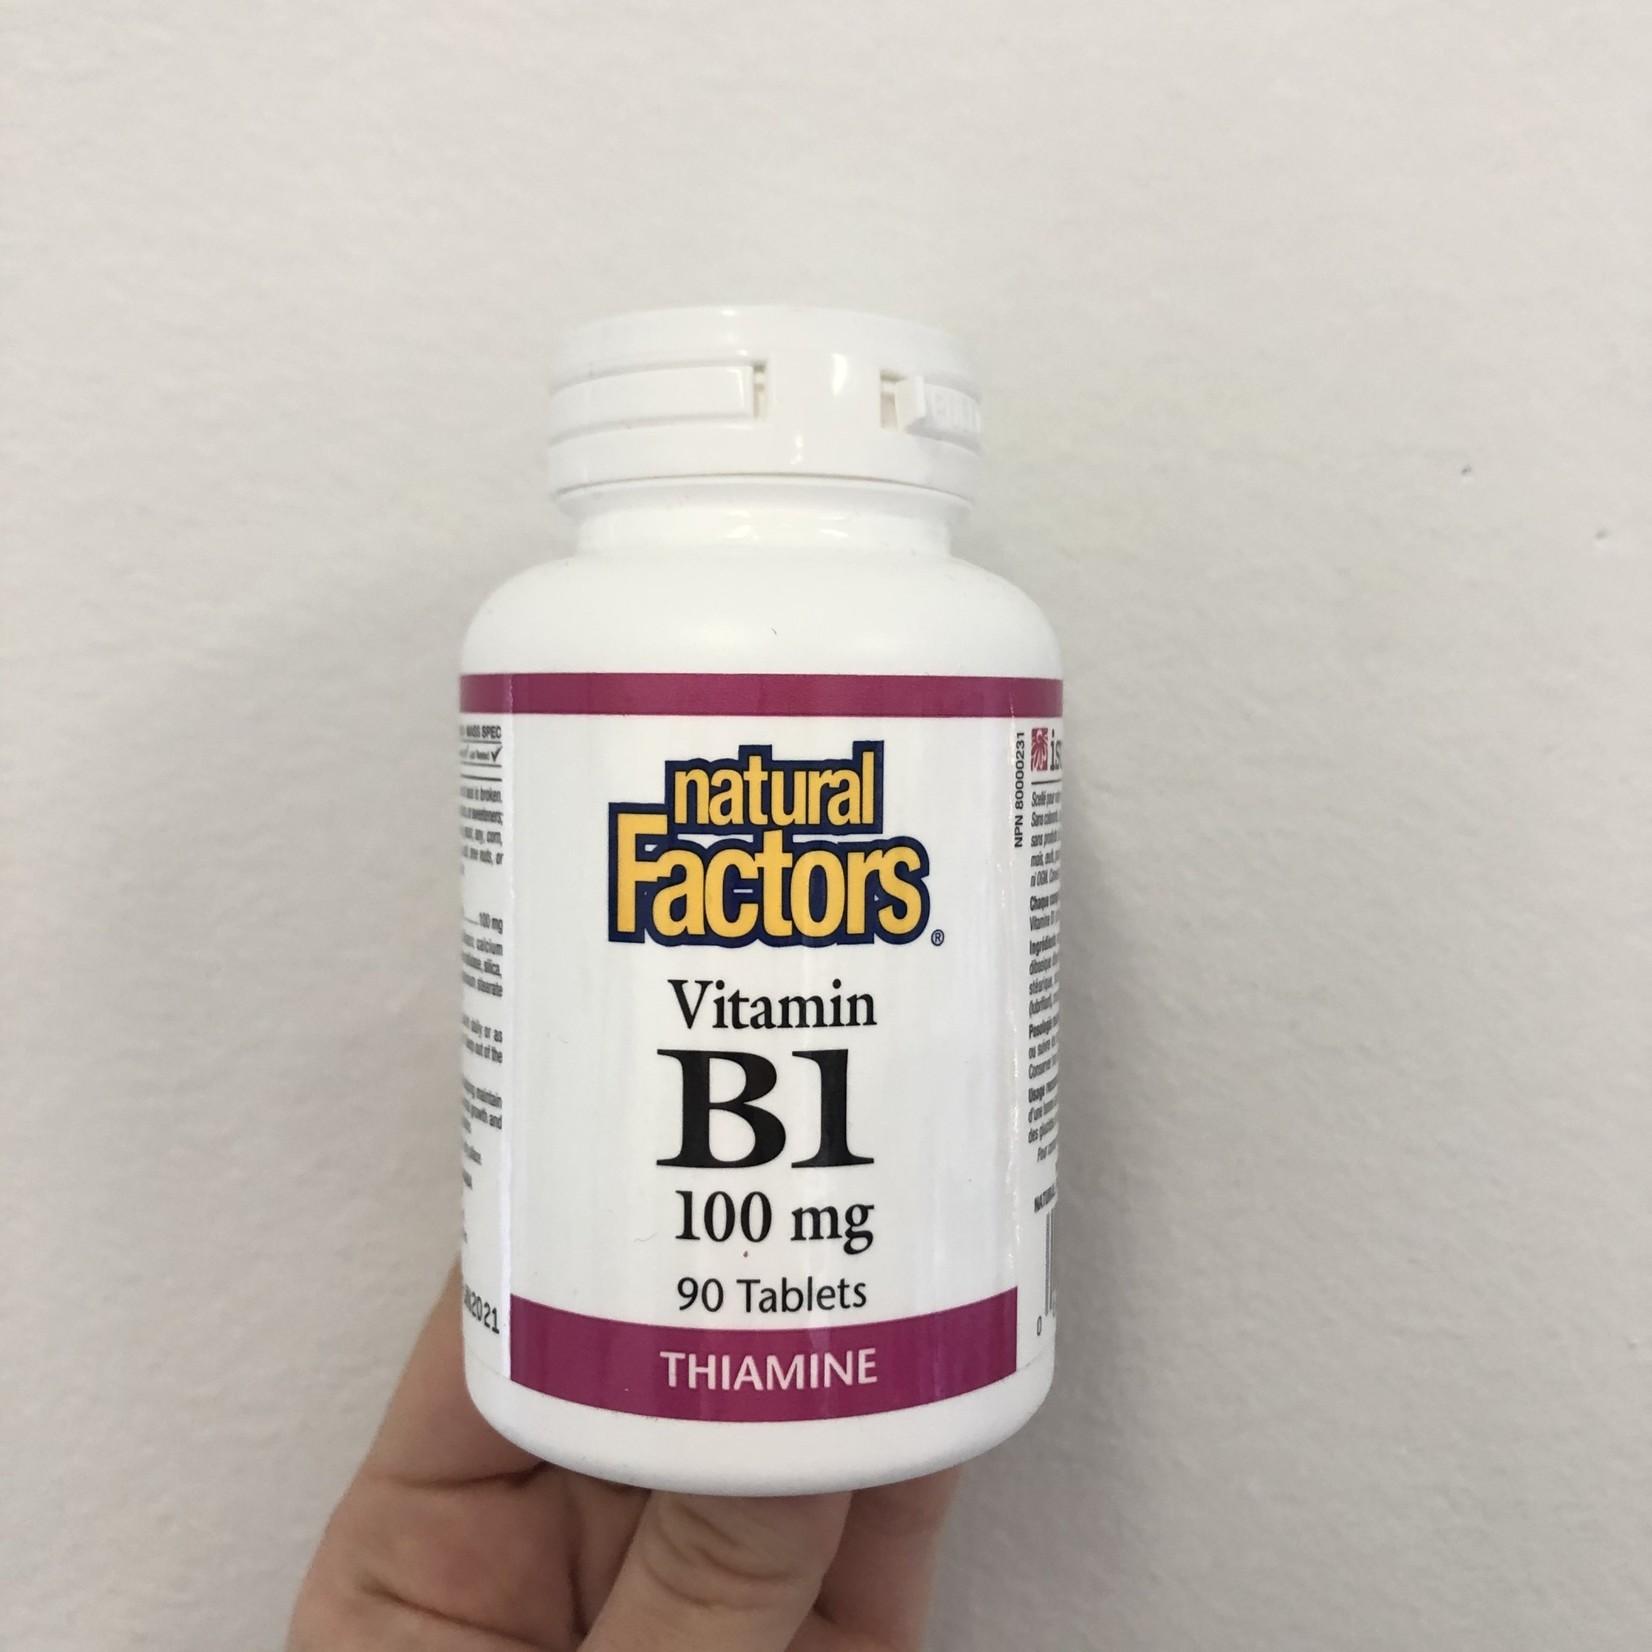 Natural Factors Natural Factors Vitamin B1 100mg 90 tabs